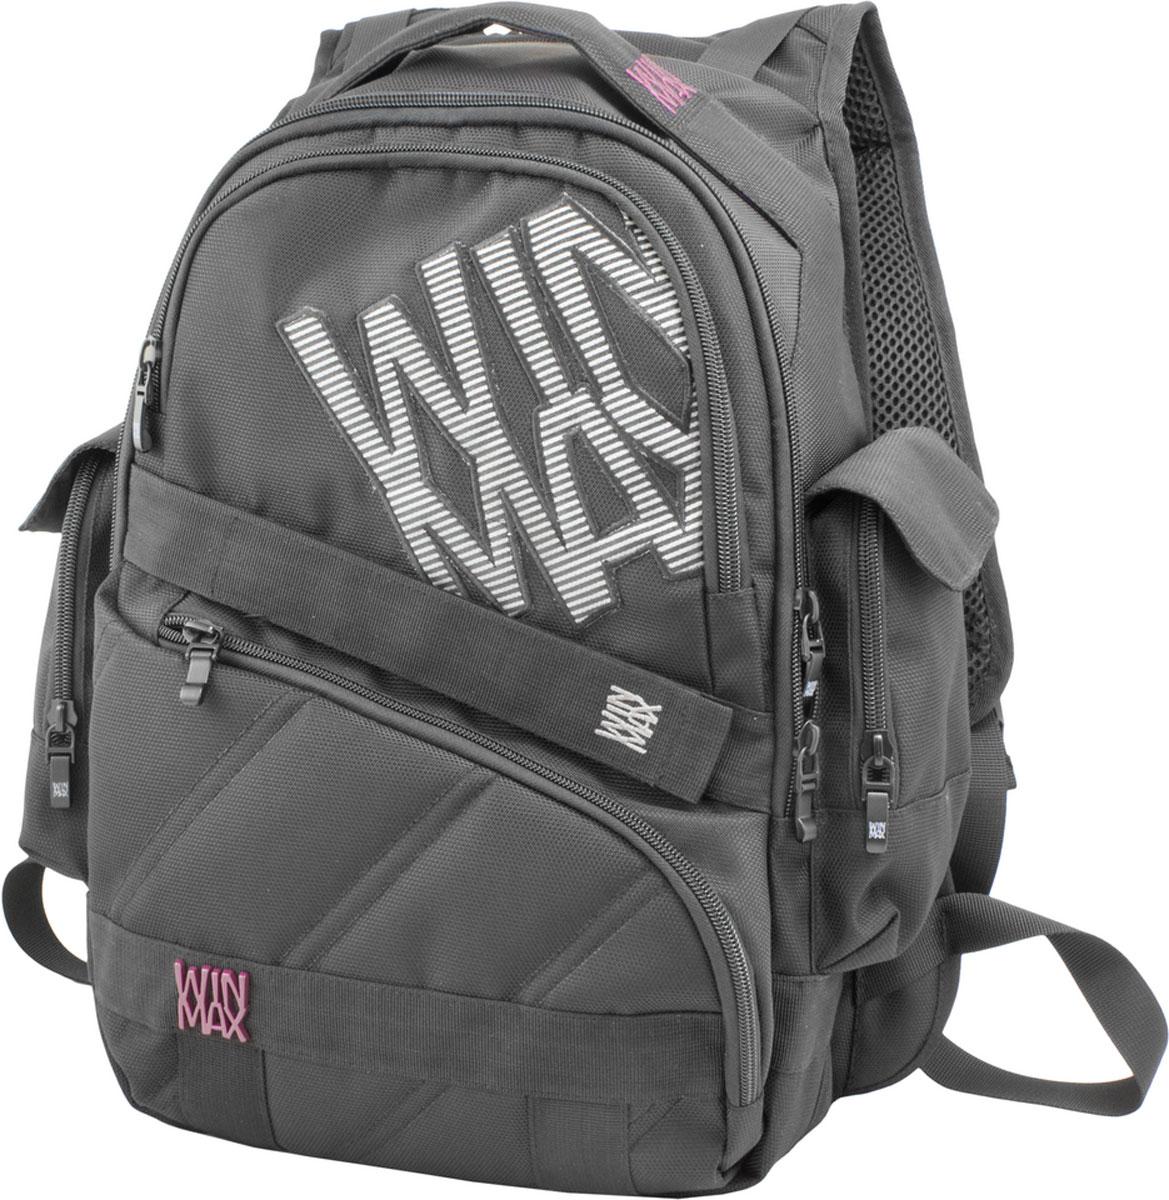 WinMax Школьный ранец K-508, цвет: черный, бордовыйK-508_чер/бордовРюкзак, с множеством внешних карманов. Качественный, легкий и прочный материал делает рюкзак практичным и долговечным в носке.Отделения: В рюкзаке одно большое отделение, в котором расположен отсек для ноутбука диагональю 13,3 – 14, для наилучшей сохранности вашего ПК, данный отсек на подкладке из мягкого материала + карман-сетка для хранения аксессуаров от ПК. Карманы: Боковые: Два нижних кармана на молнии + верхний клапан закрывающий карман. Передний верхний без разделителей. Передний нижний с отделением под канцелярию (органайзер). В комплекте: • Бирка с индивидуальным штрих кодом и описанием. Имеет ряд качественных и удобных деталей. • Качественные молнии фирмы « SBS » + фирменные бегунки и фурнитура. • Дополнительными строчками для укрепления, прошиты все места, на которые приходятся основные нагрузки. • Спинка с технологией Technology Circle Air (вентиляция). • Анатомический крой лямок с вентилируемой технологией в форме Маечки со светоотражающими элементами. • Грудная...